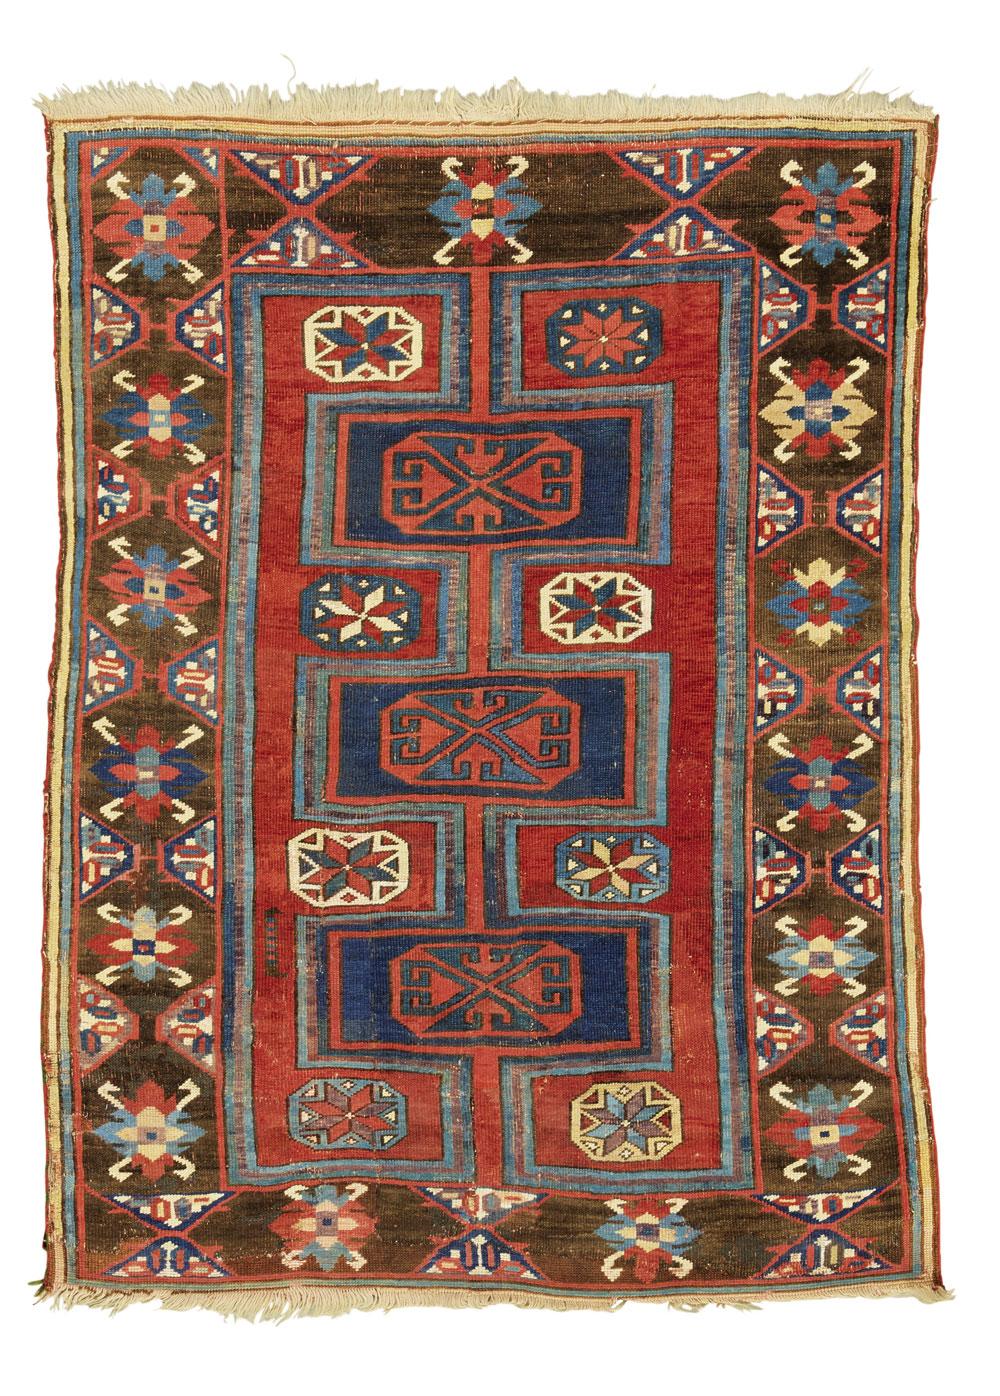 Lot 85, Karapinar rug, estimated at £2,800-4,000, sold at £31,250 ($41,090)